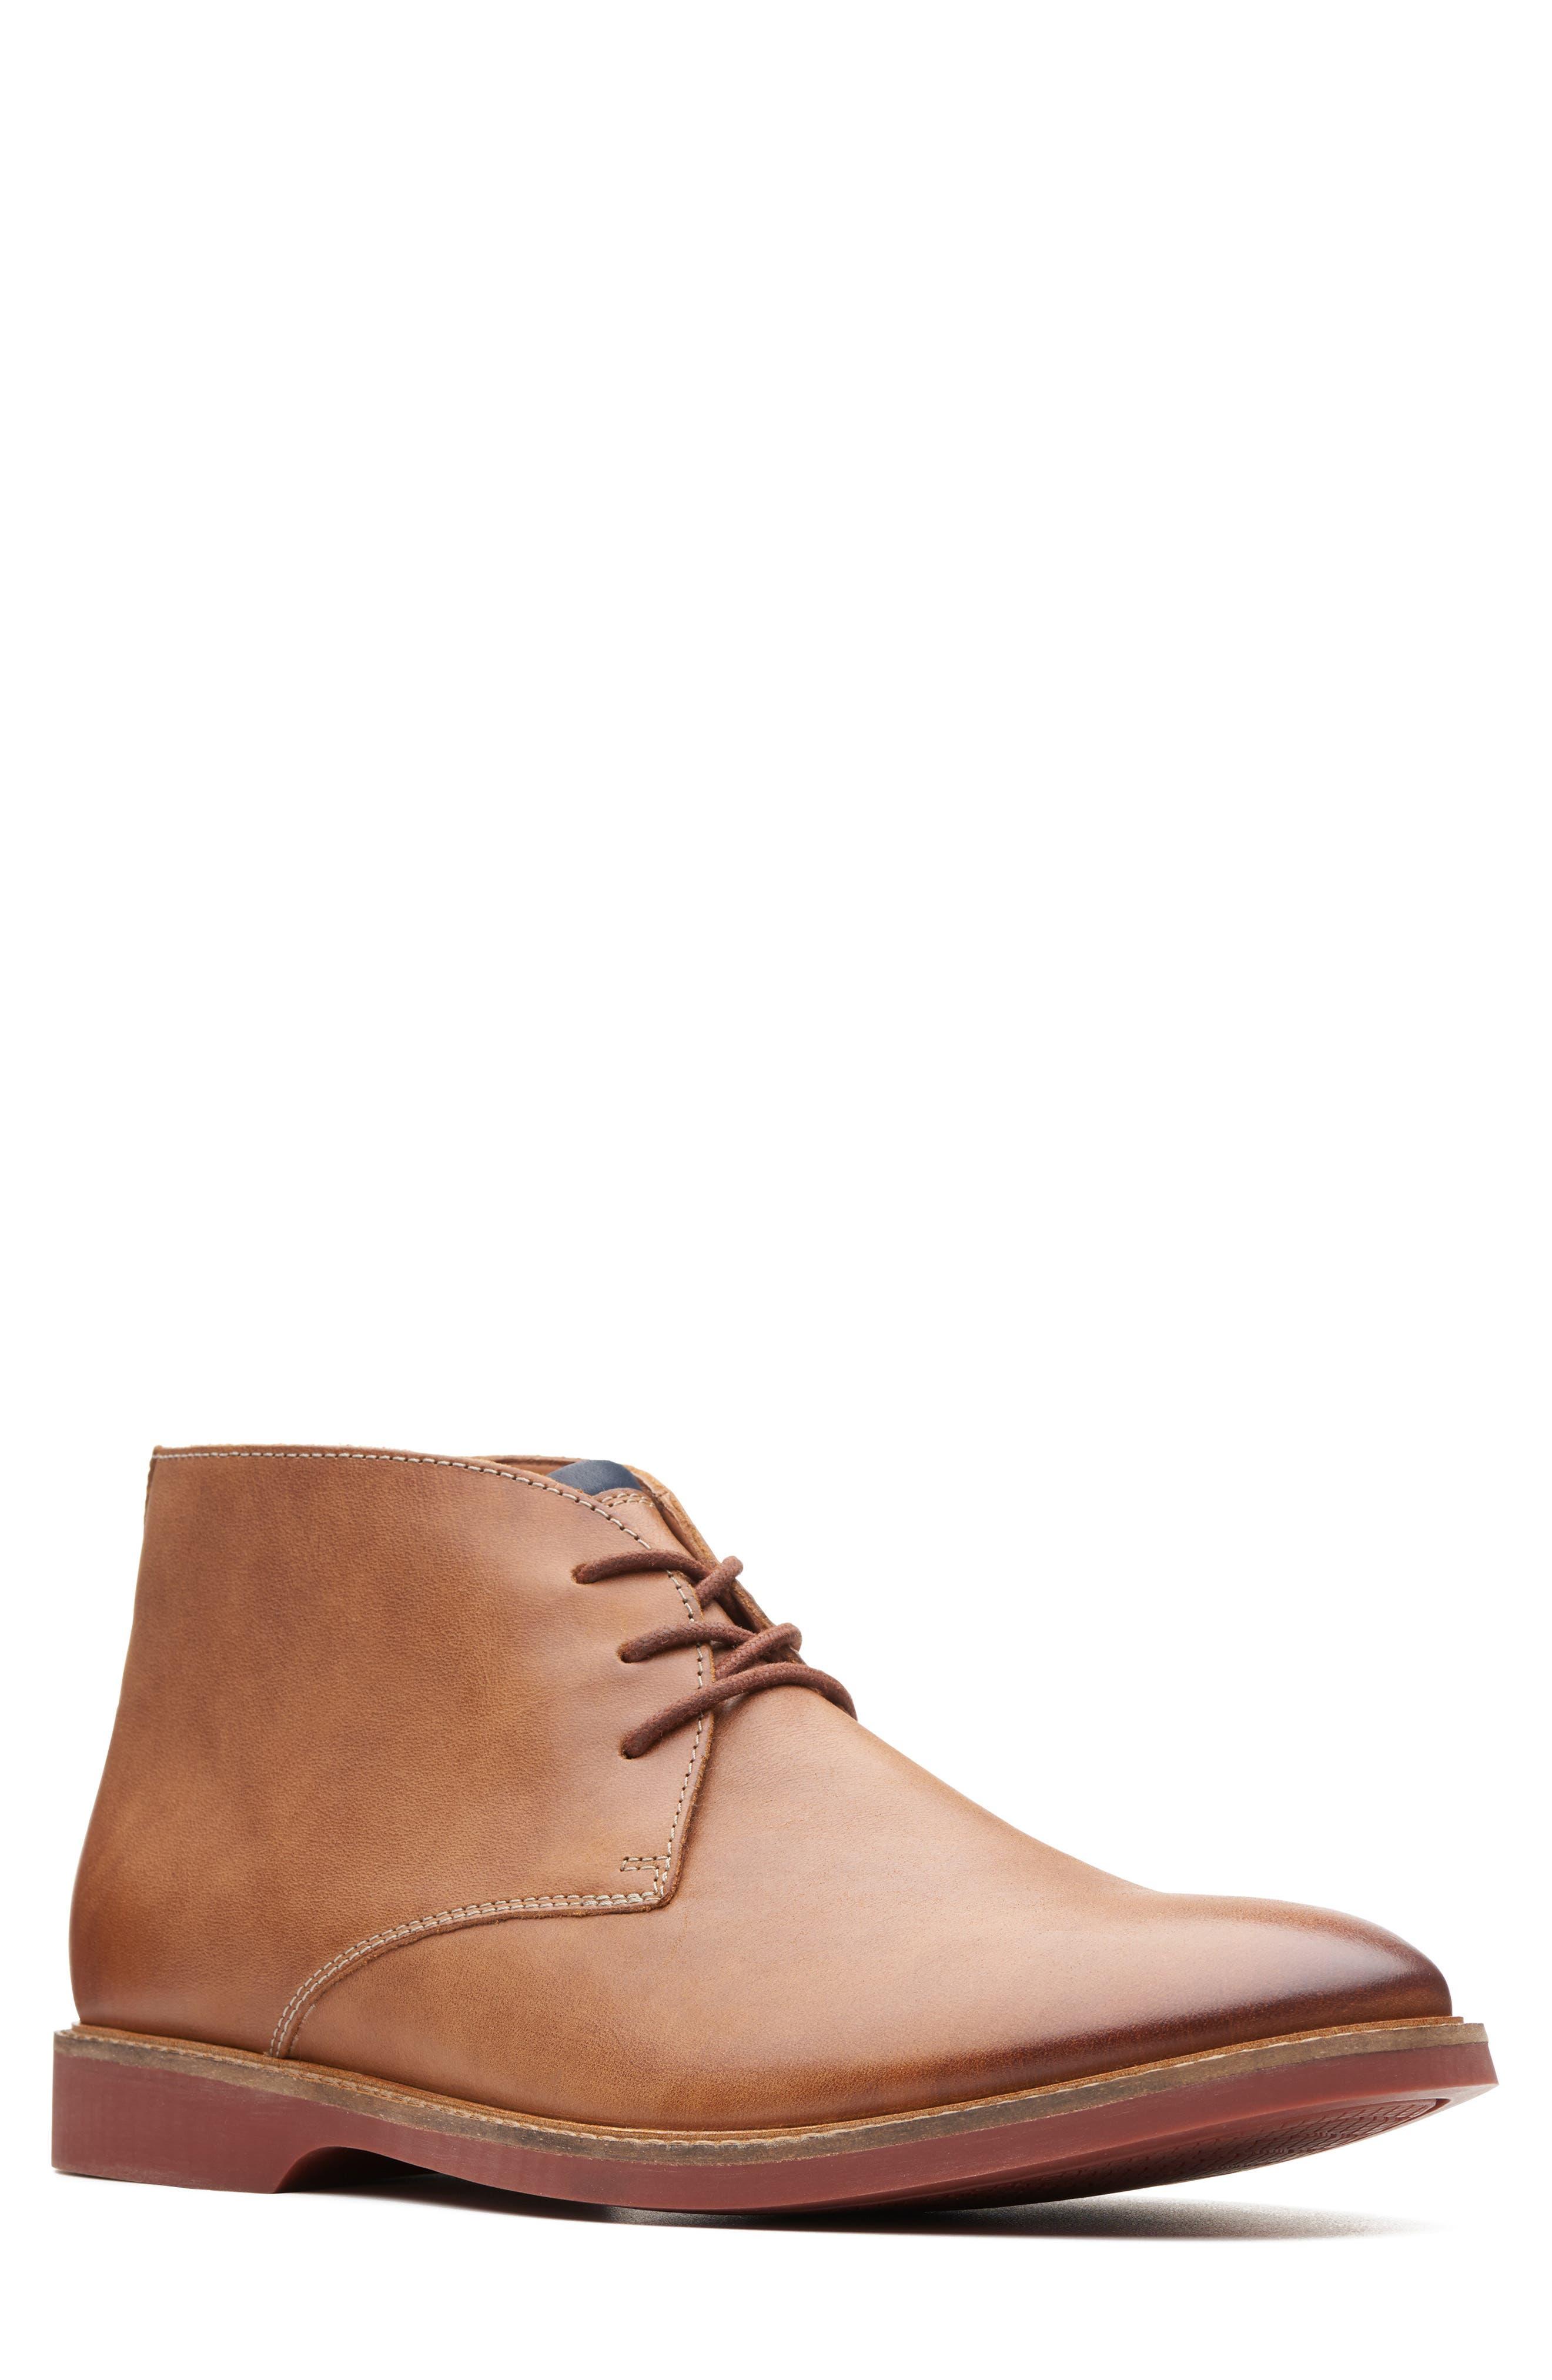 Men's Clarks® Shoes Sale \u0026 Clearance